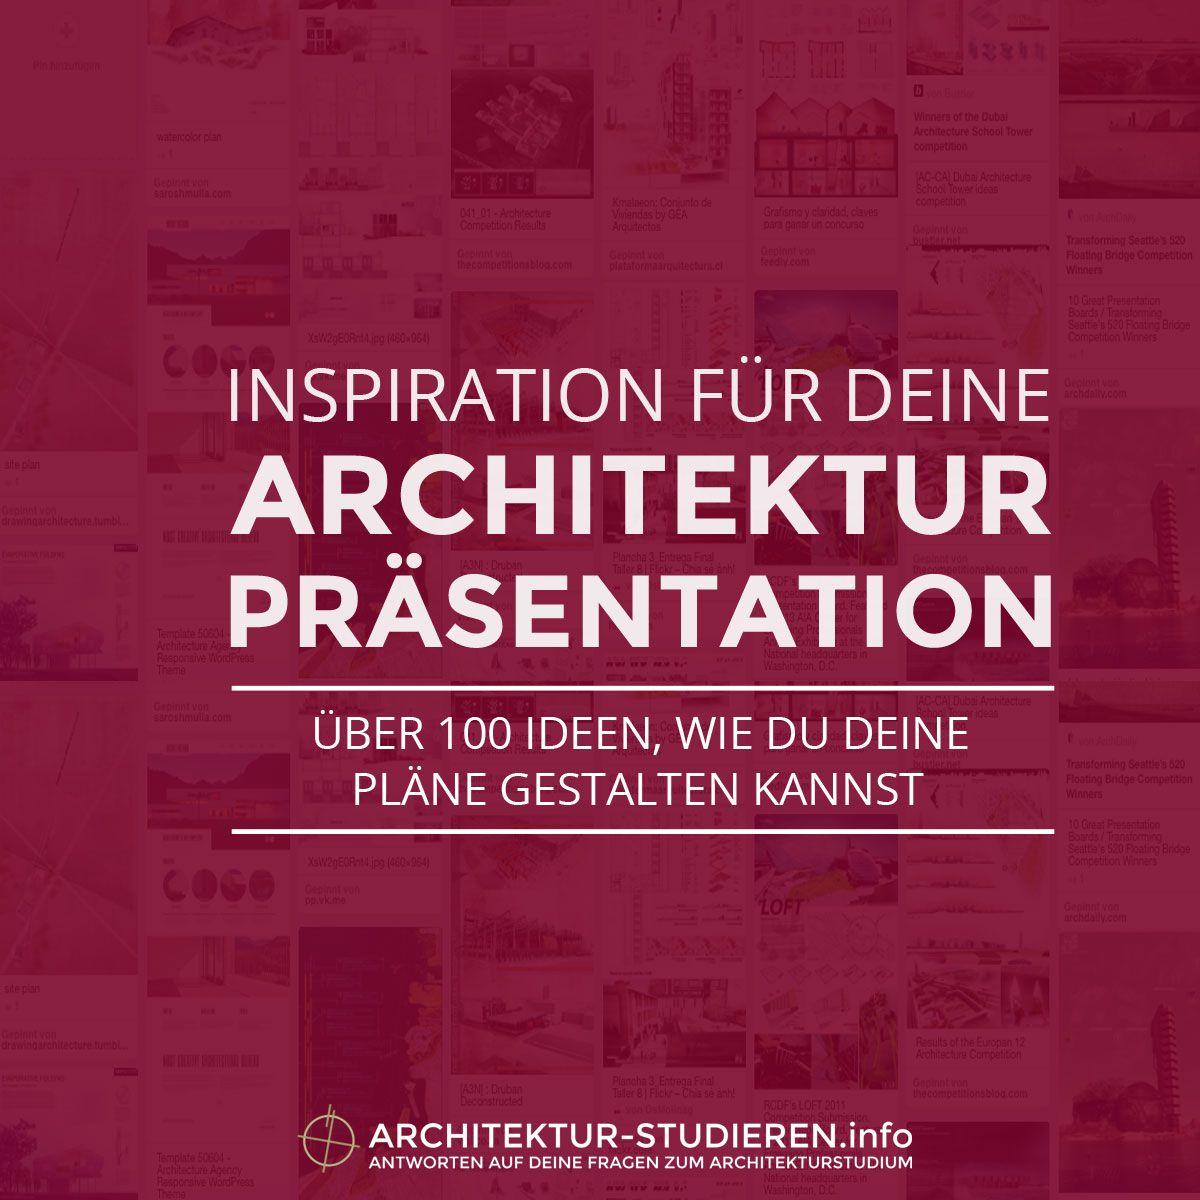 Ber 100 ideen wie du deine architektur pl ne gestalten for Bewerbung architekturstudium